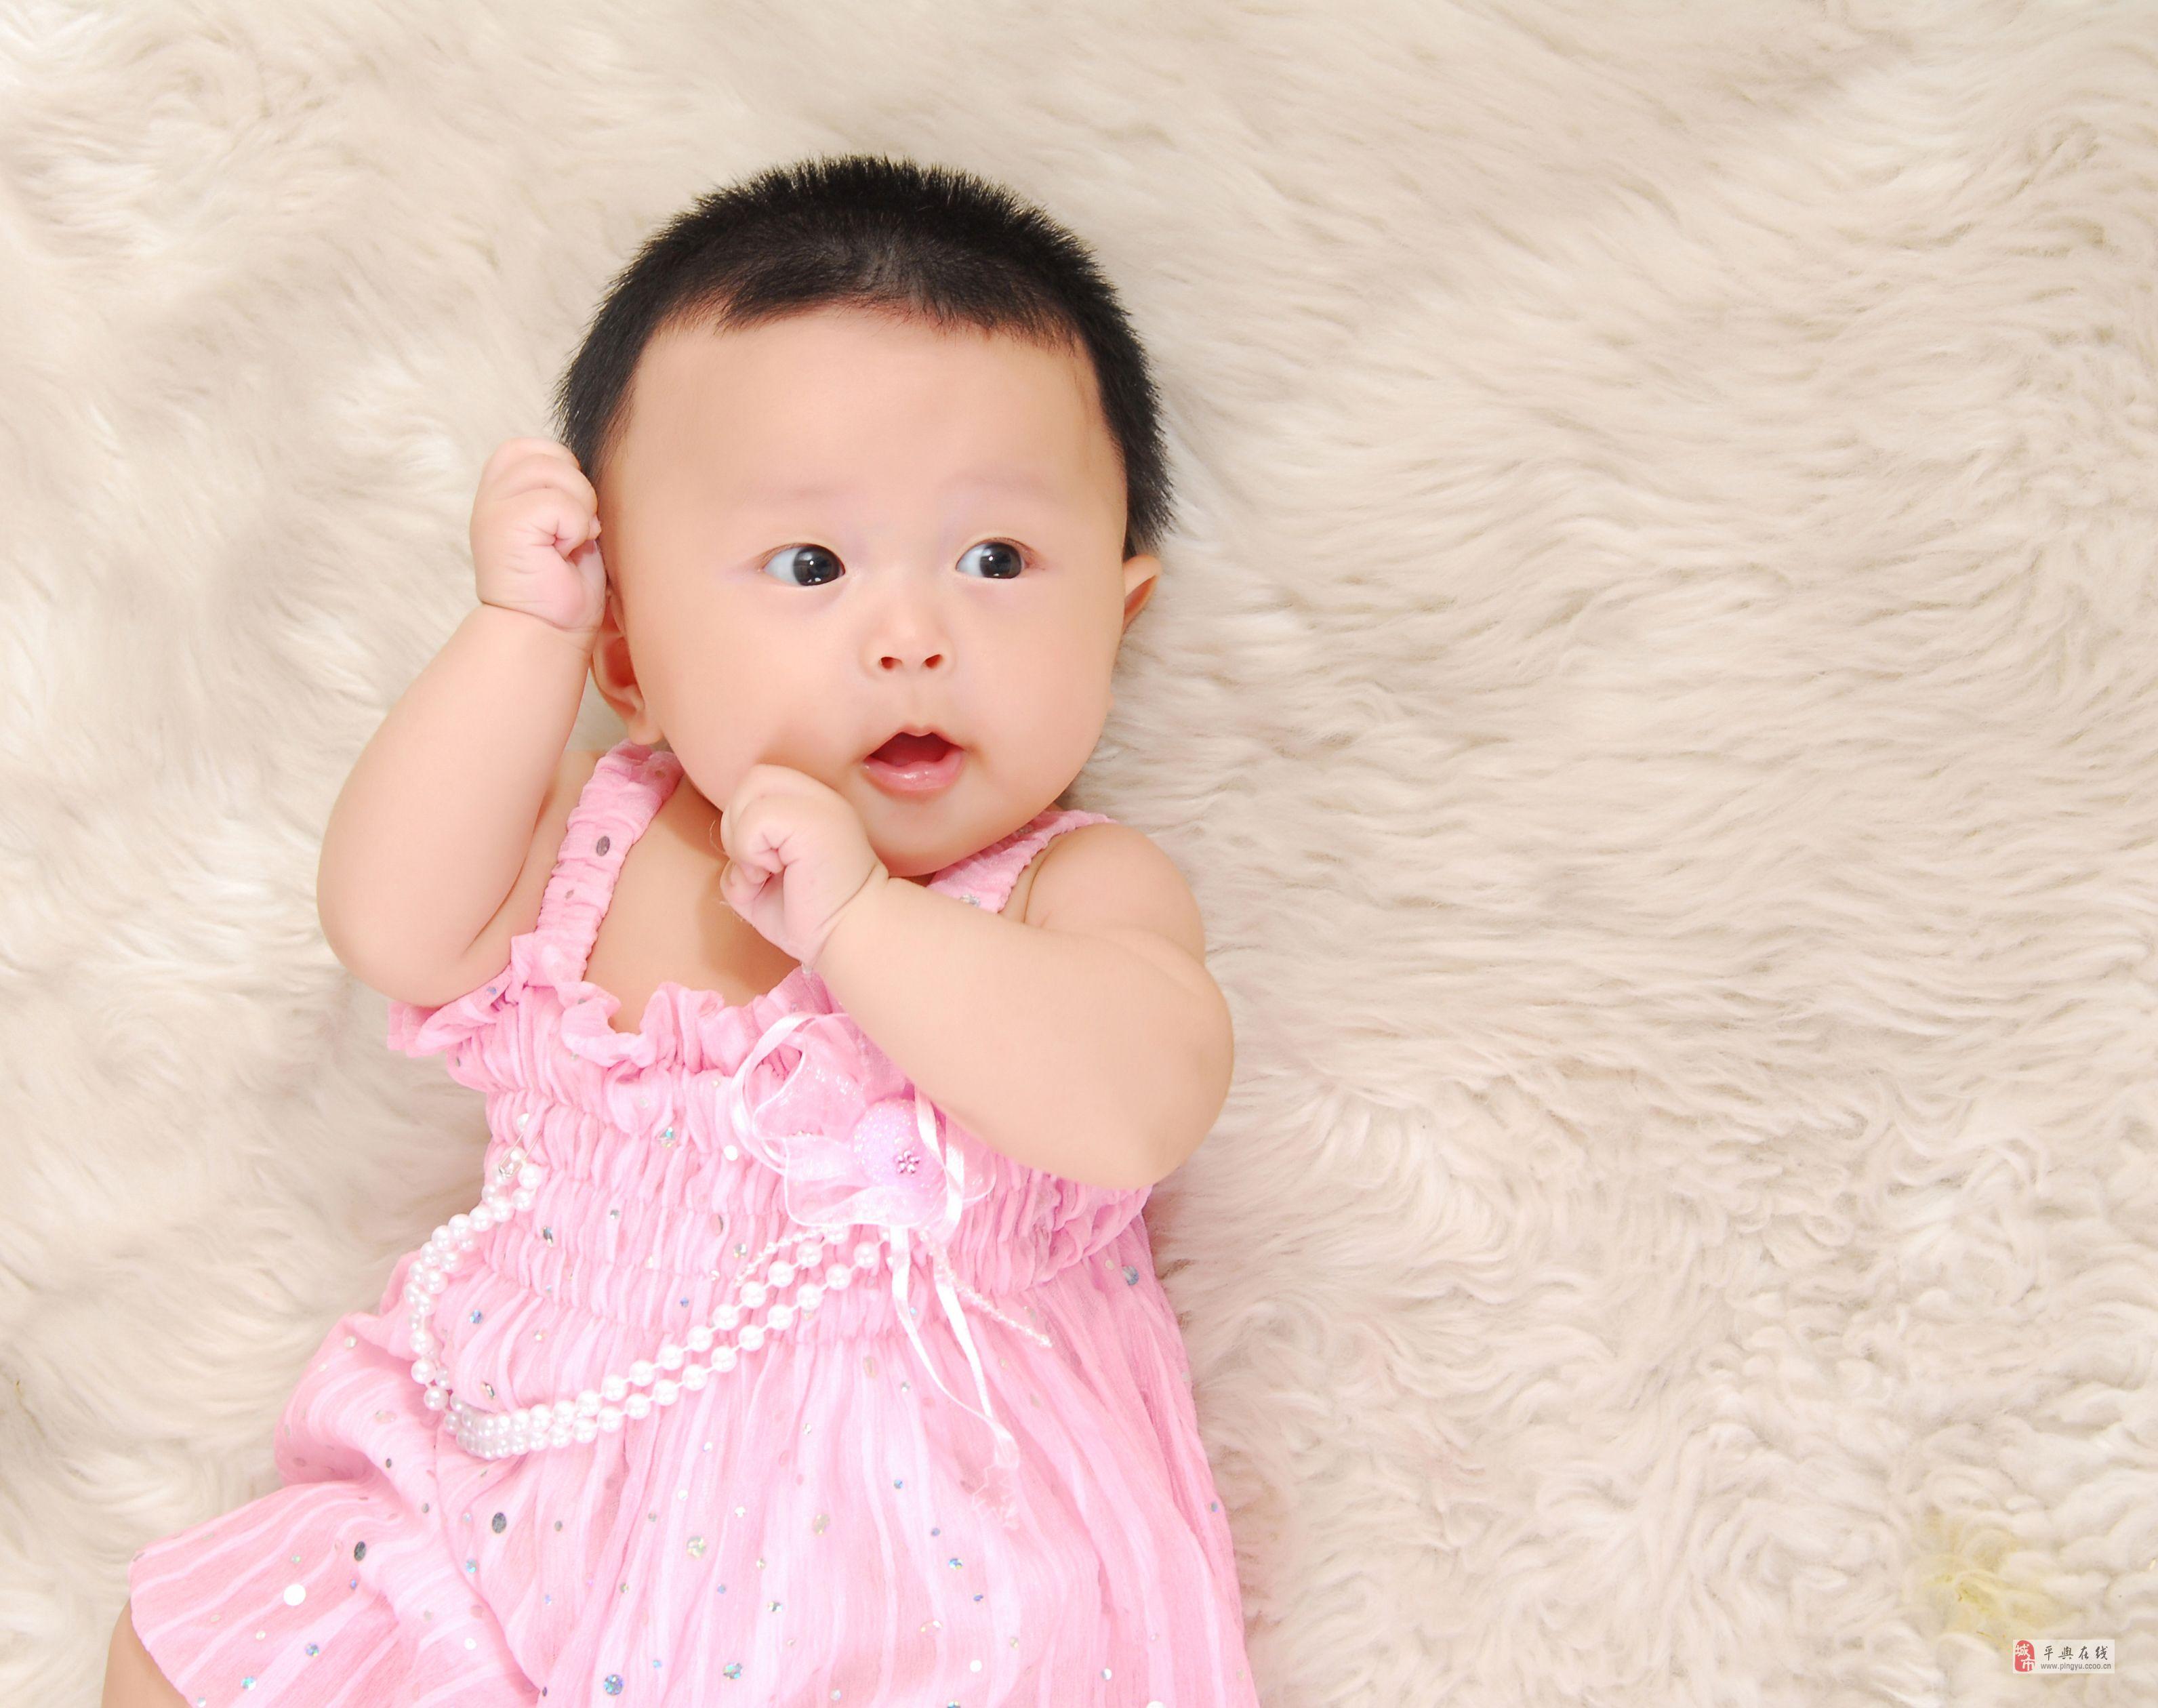 上传可爱宝宝照片吧